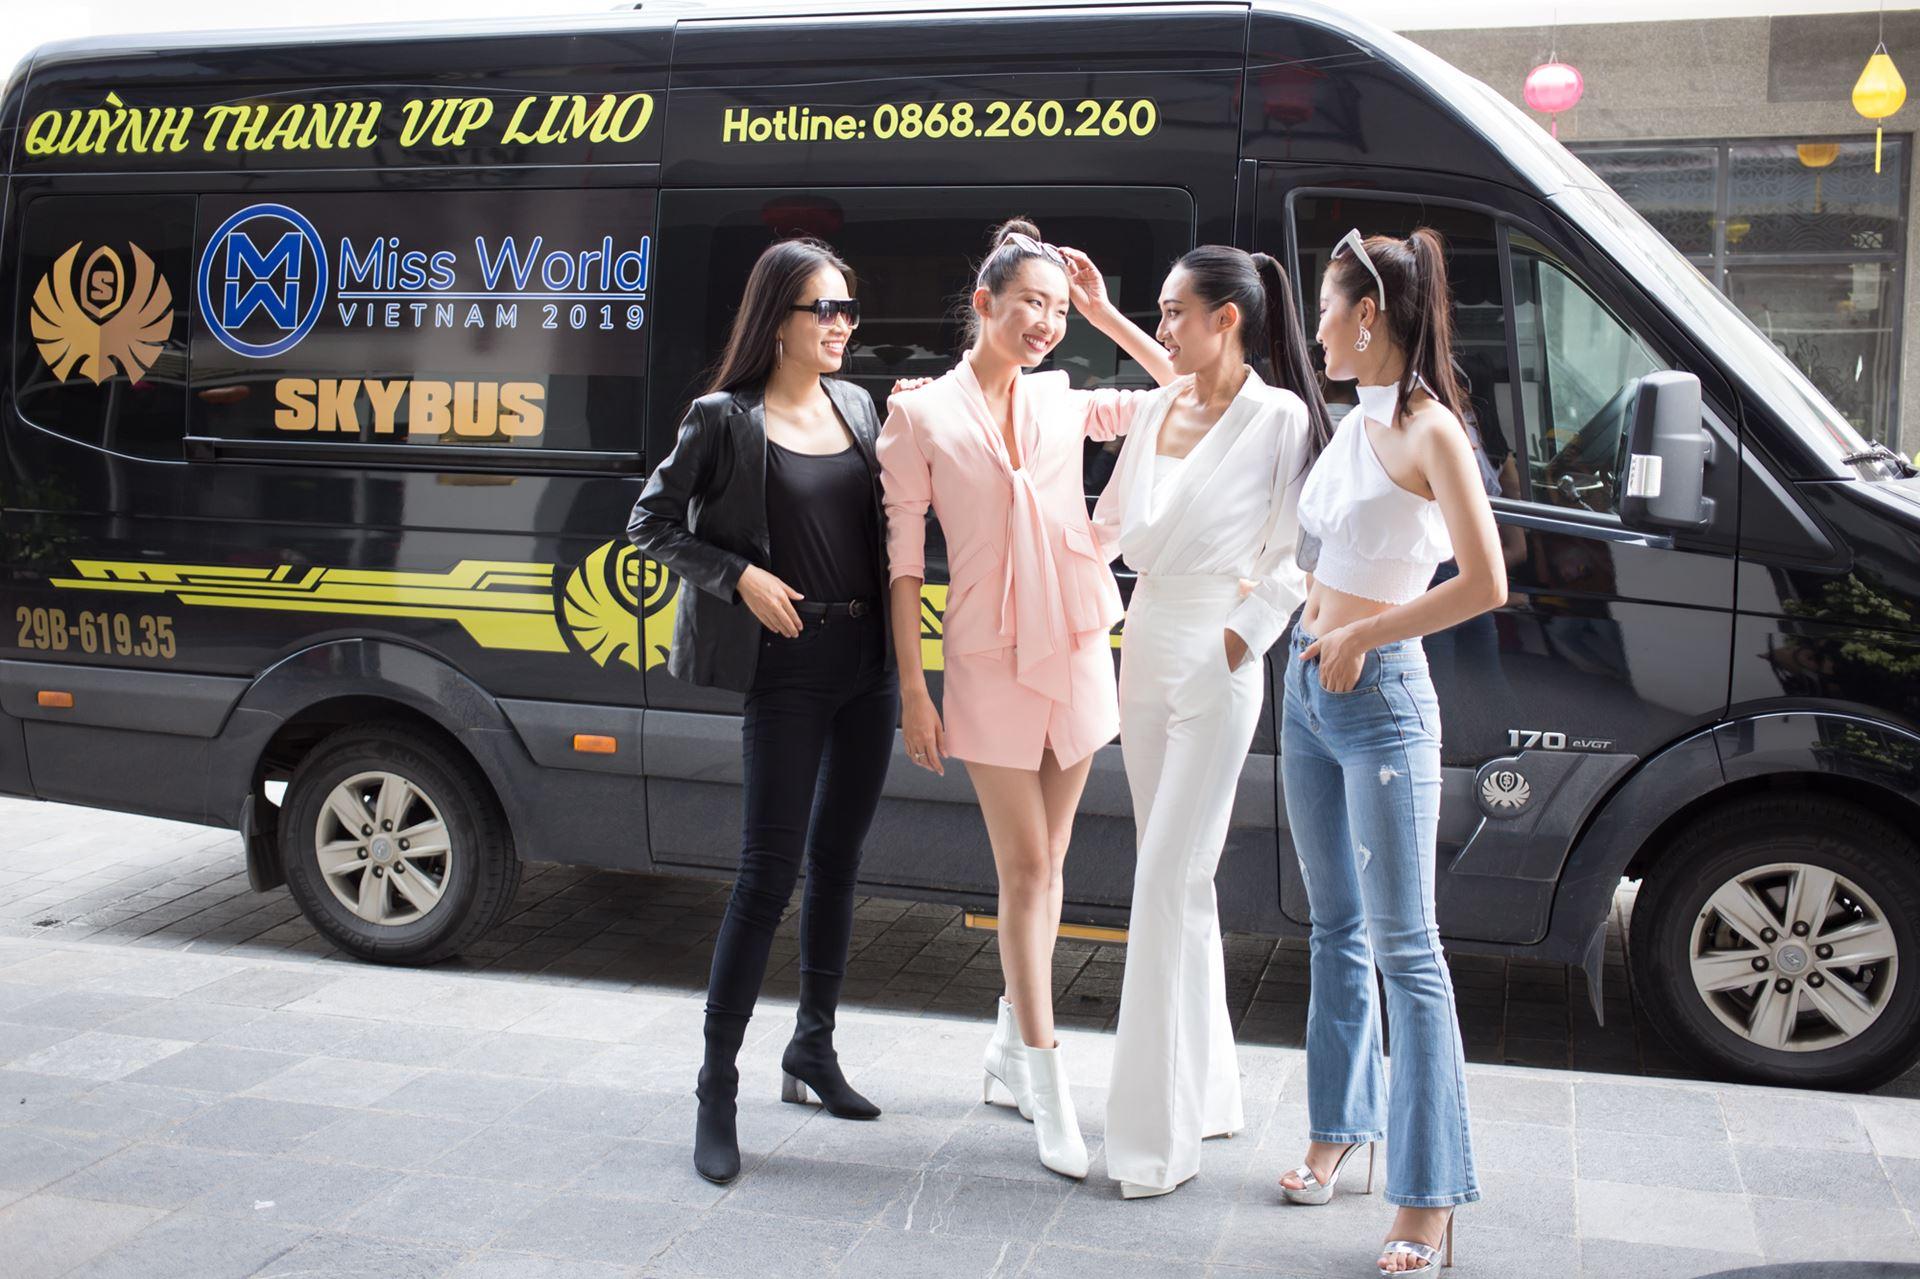 Xe limousine SKybus đồng hành cùng Miss World Việt Nam 2019